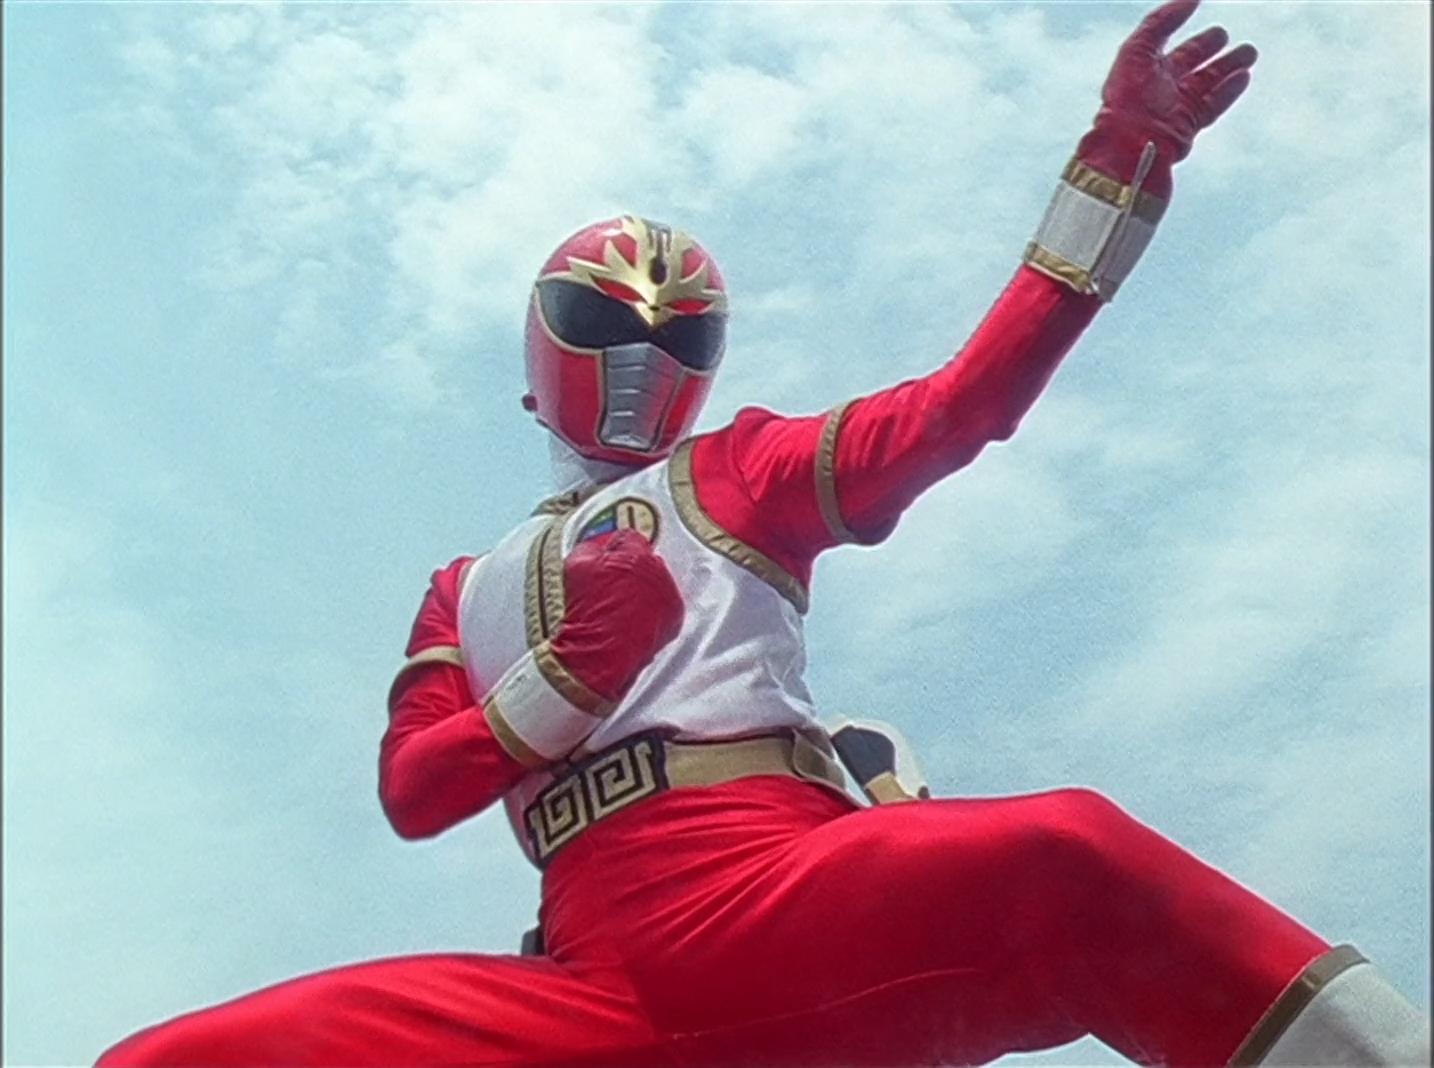 File:RyuuRanger Gaoranger vs. Super Sentai.PNG